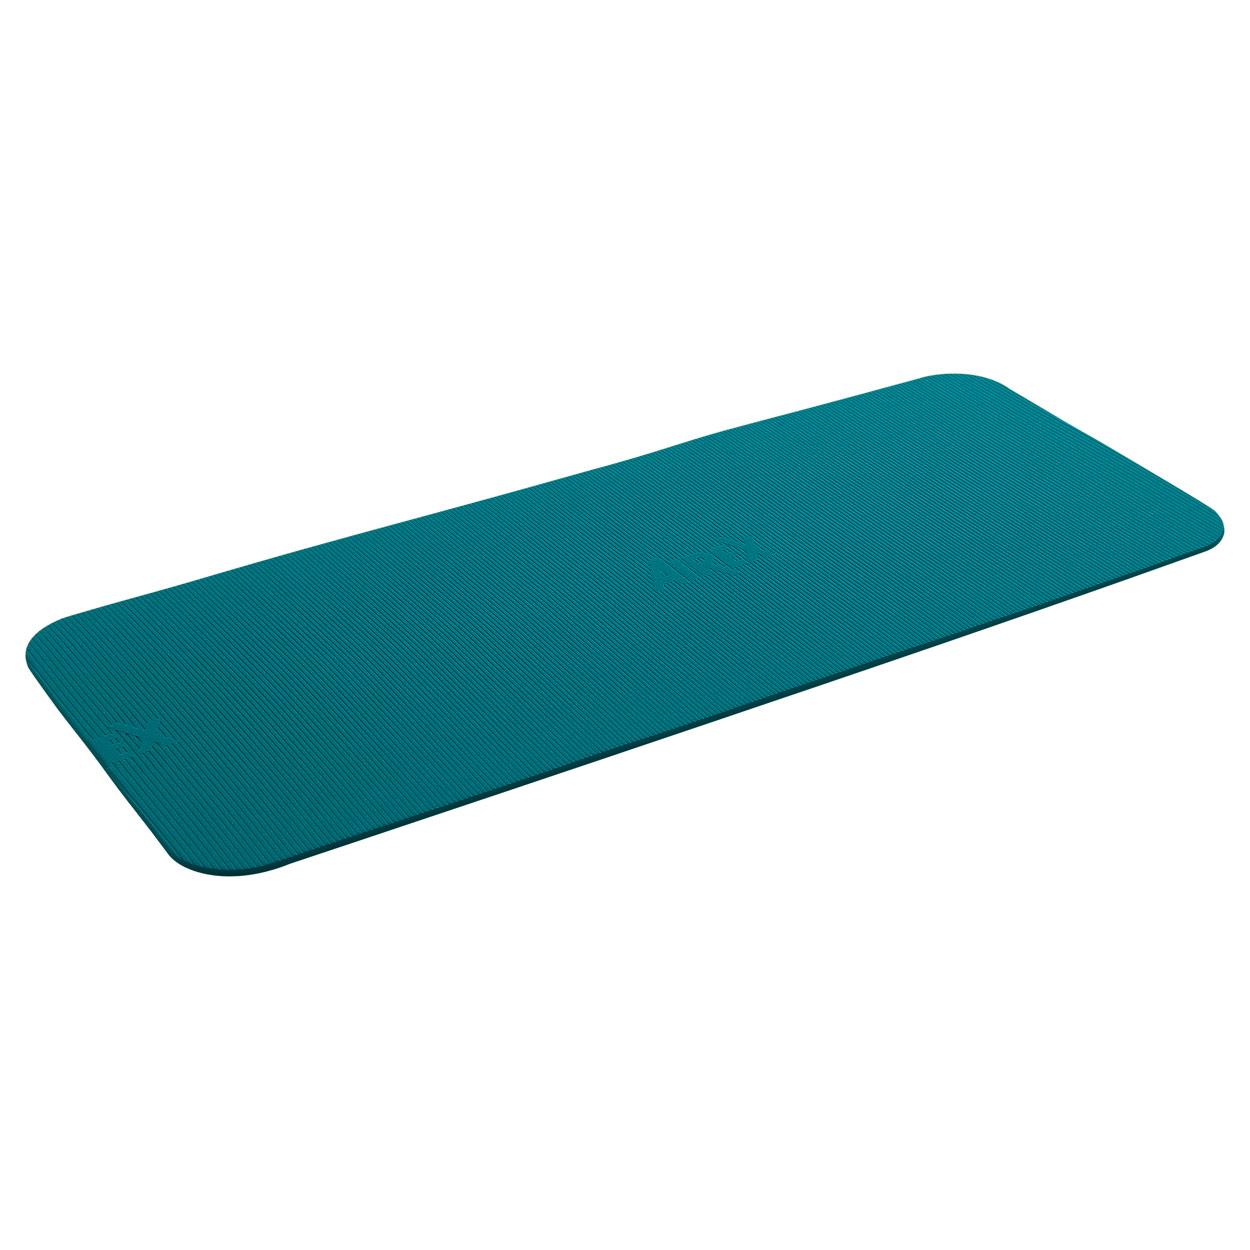 AIREX-Gymnastikmatte-Fitline-140-Sportmatte-Pilatesmatte-Turnmatte-Fitnessmatte Indexbild 9